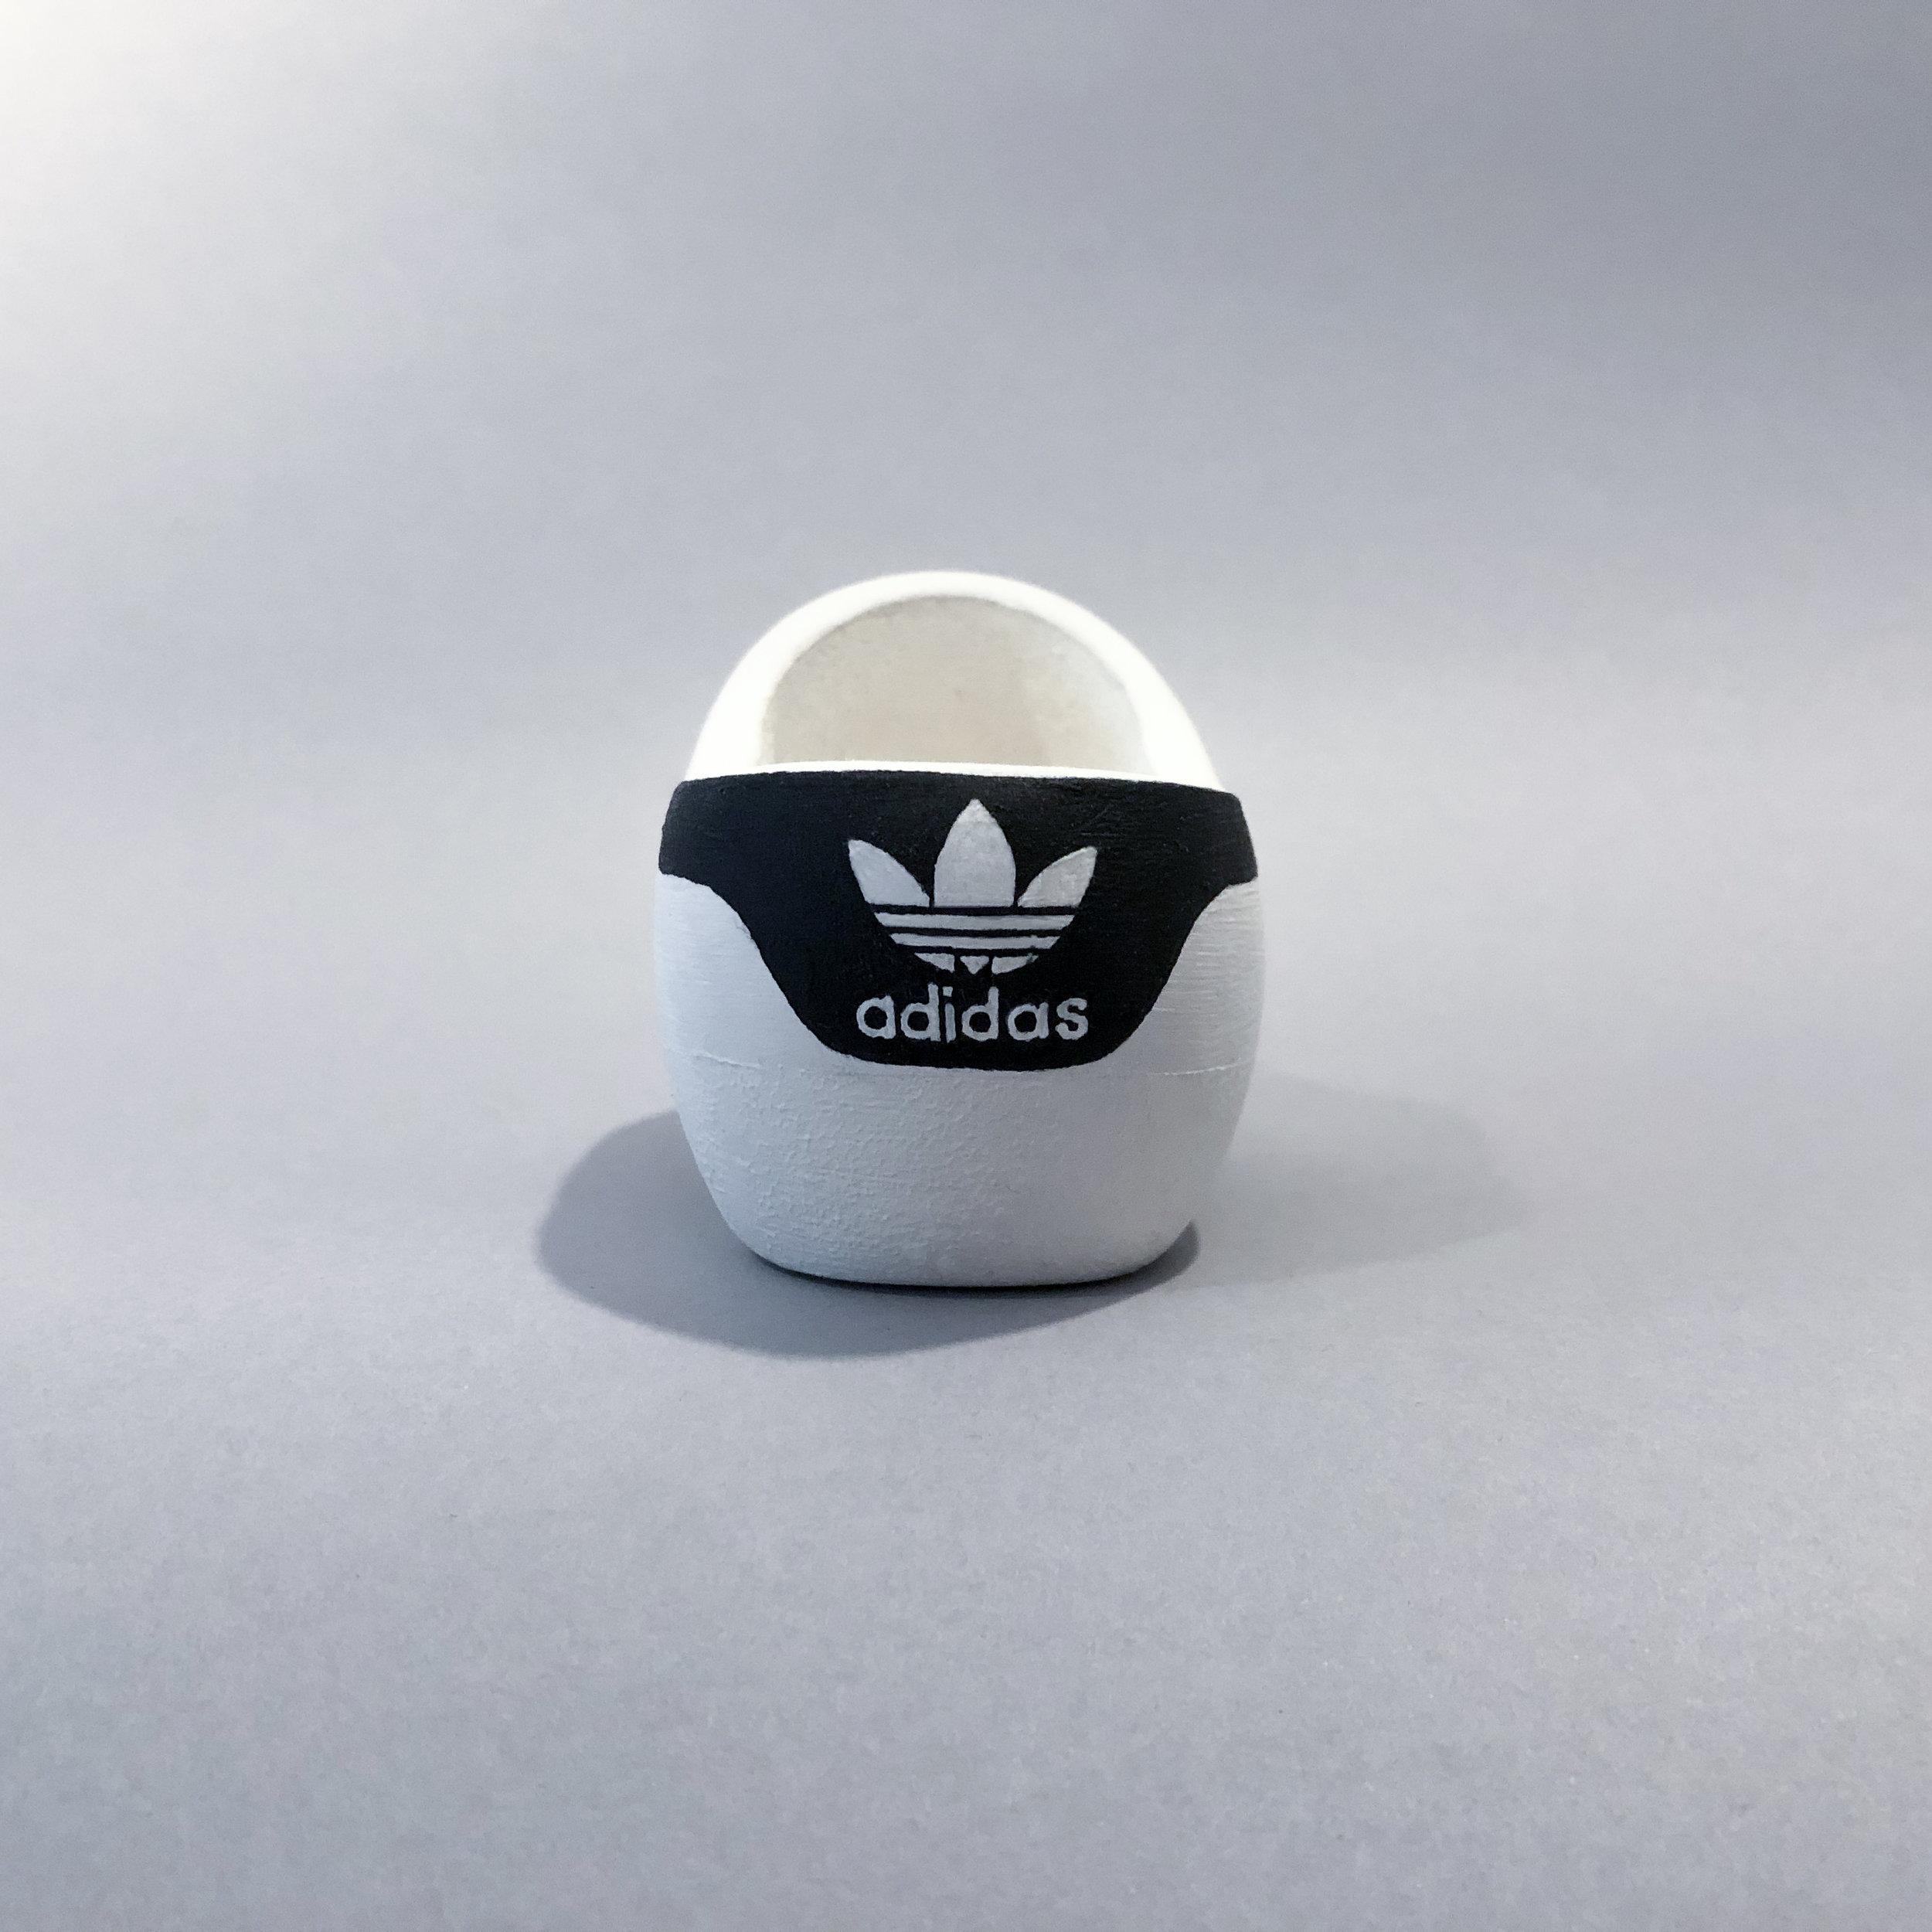 adidasSuperstar3.jpg